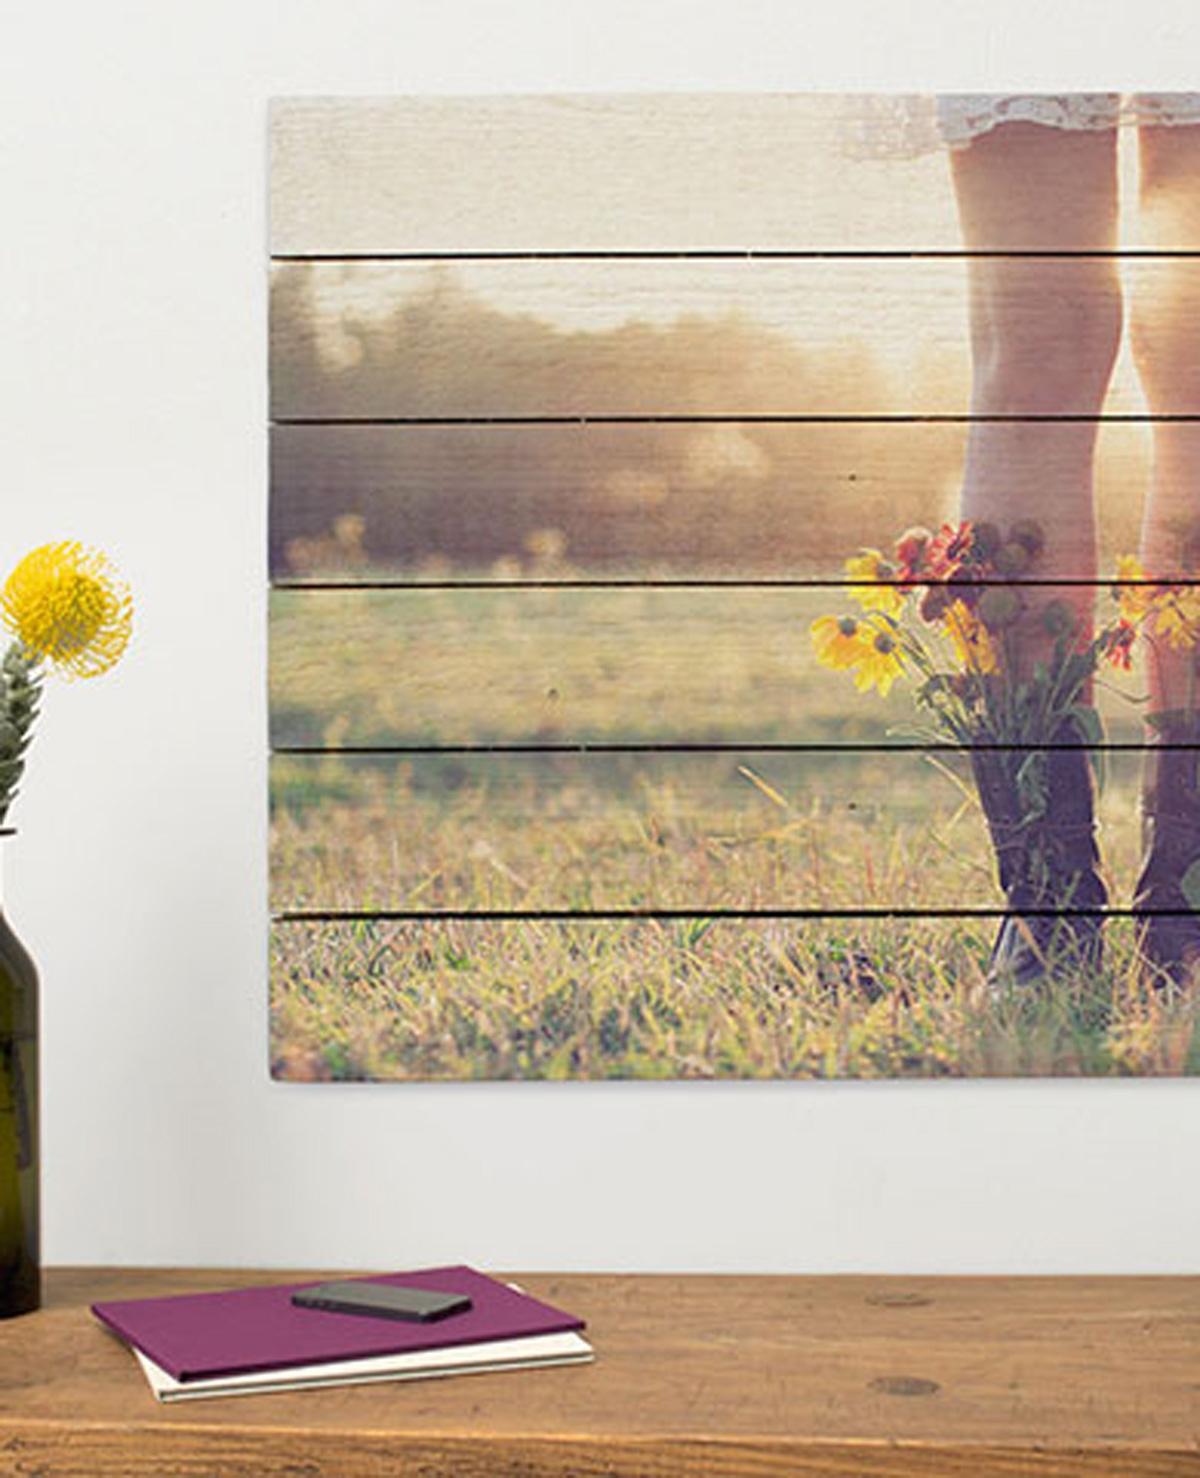 Win je favo foto op hout voor Moederdag